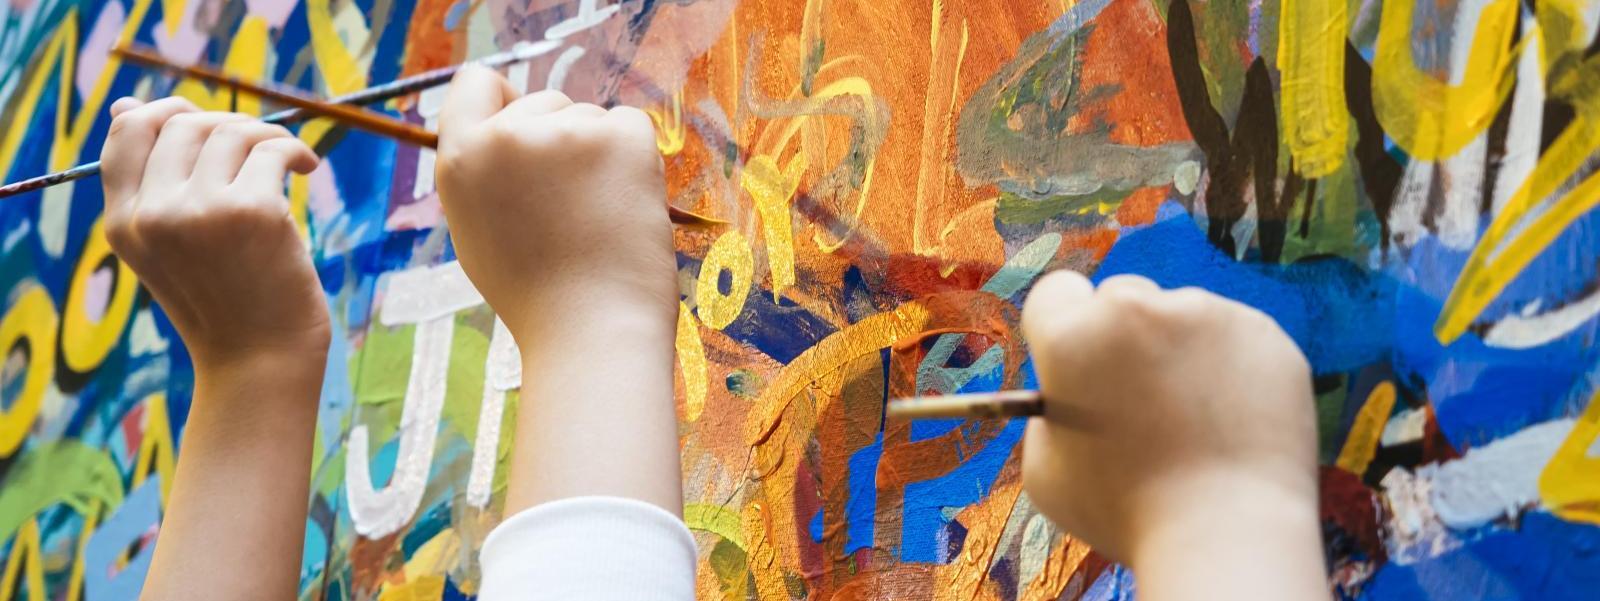 Talleres y actividades Pintar-Pintar para este verano